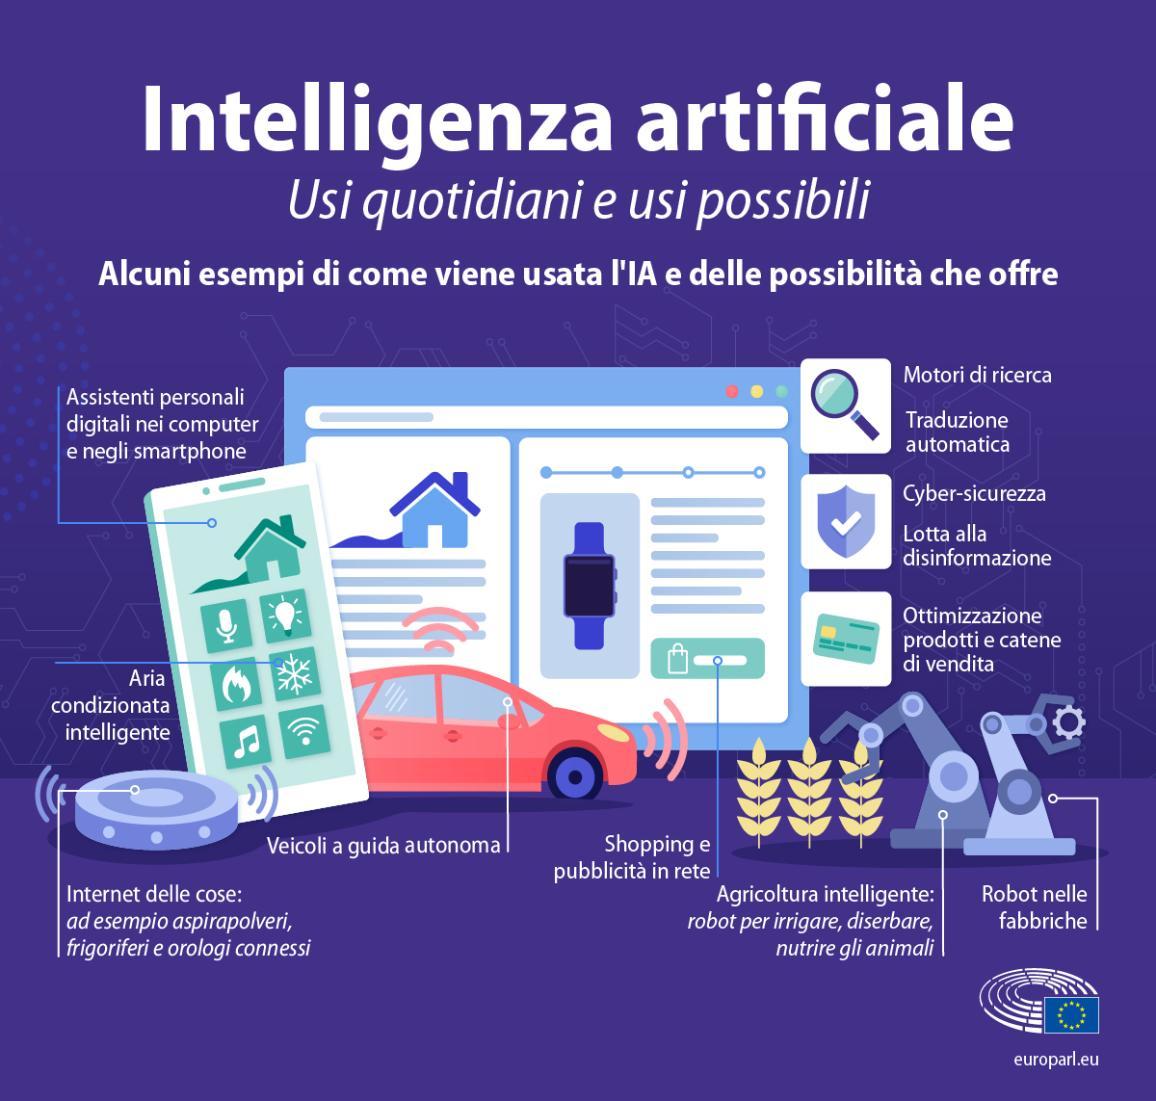 Infografica che mostra alcuni esempi di intelligenza artificiale nella vita di tutti i giorni (motori di ricerca, veicoli a guida autonoma, aria condizionata intelligente...)